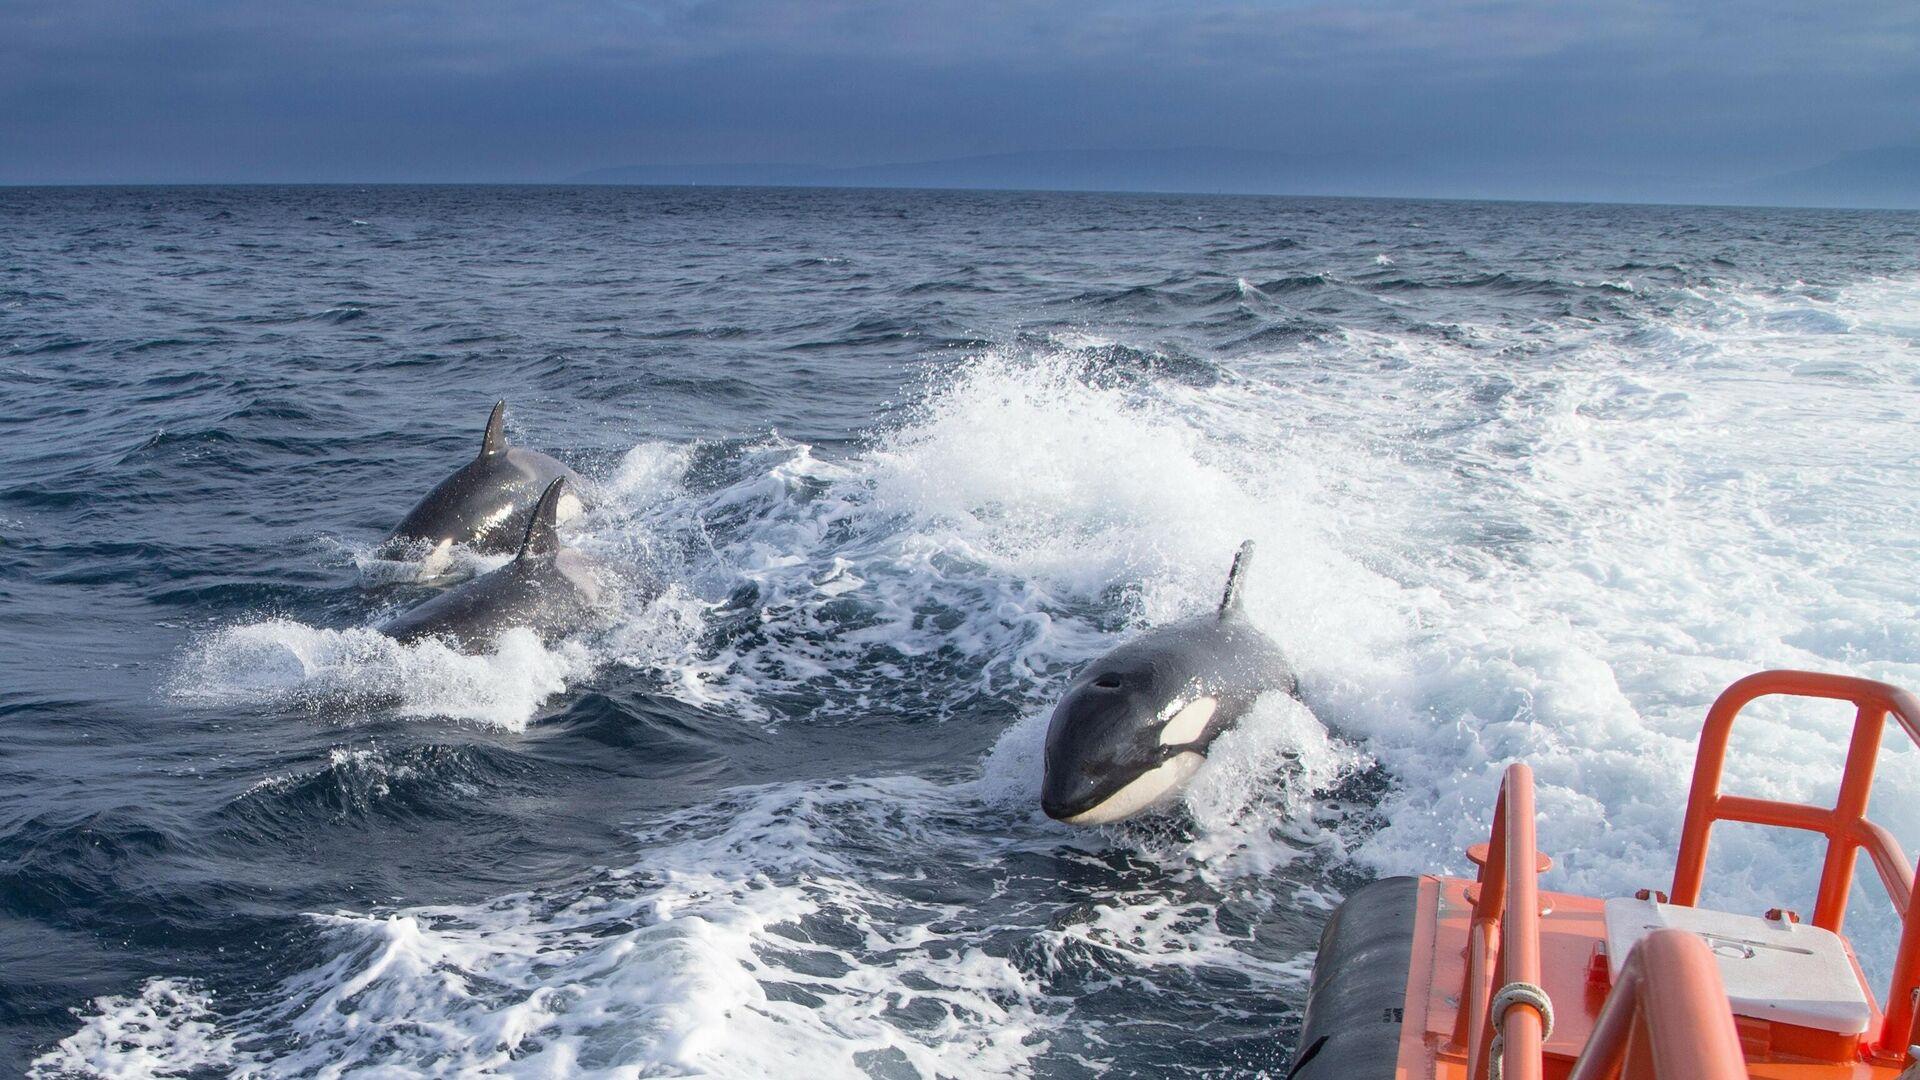 Orcas en el océano Atlántico  - Sputnik Mundo, 1920, 20.08.2021